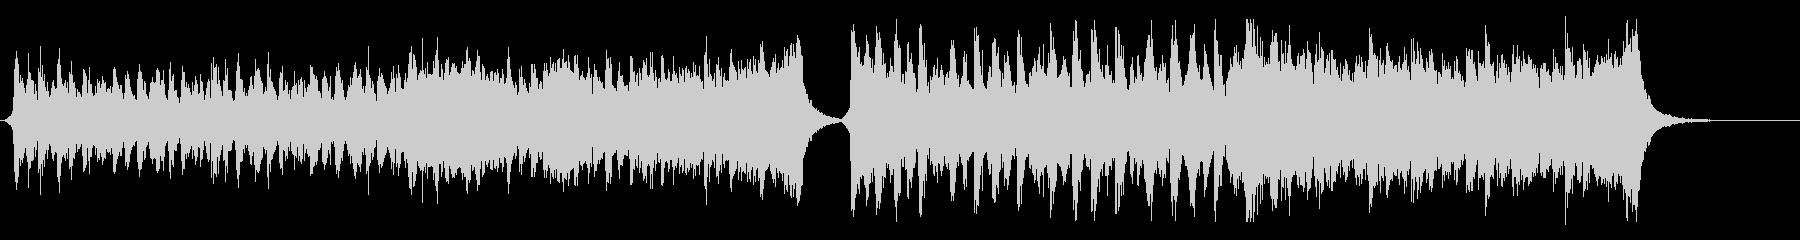 迫力、勢いのあるエピックオーケストラ曲の未再生の波形